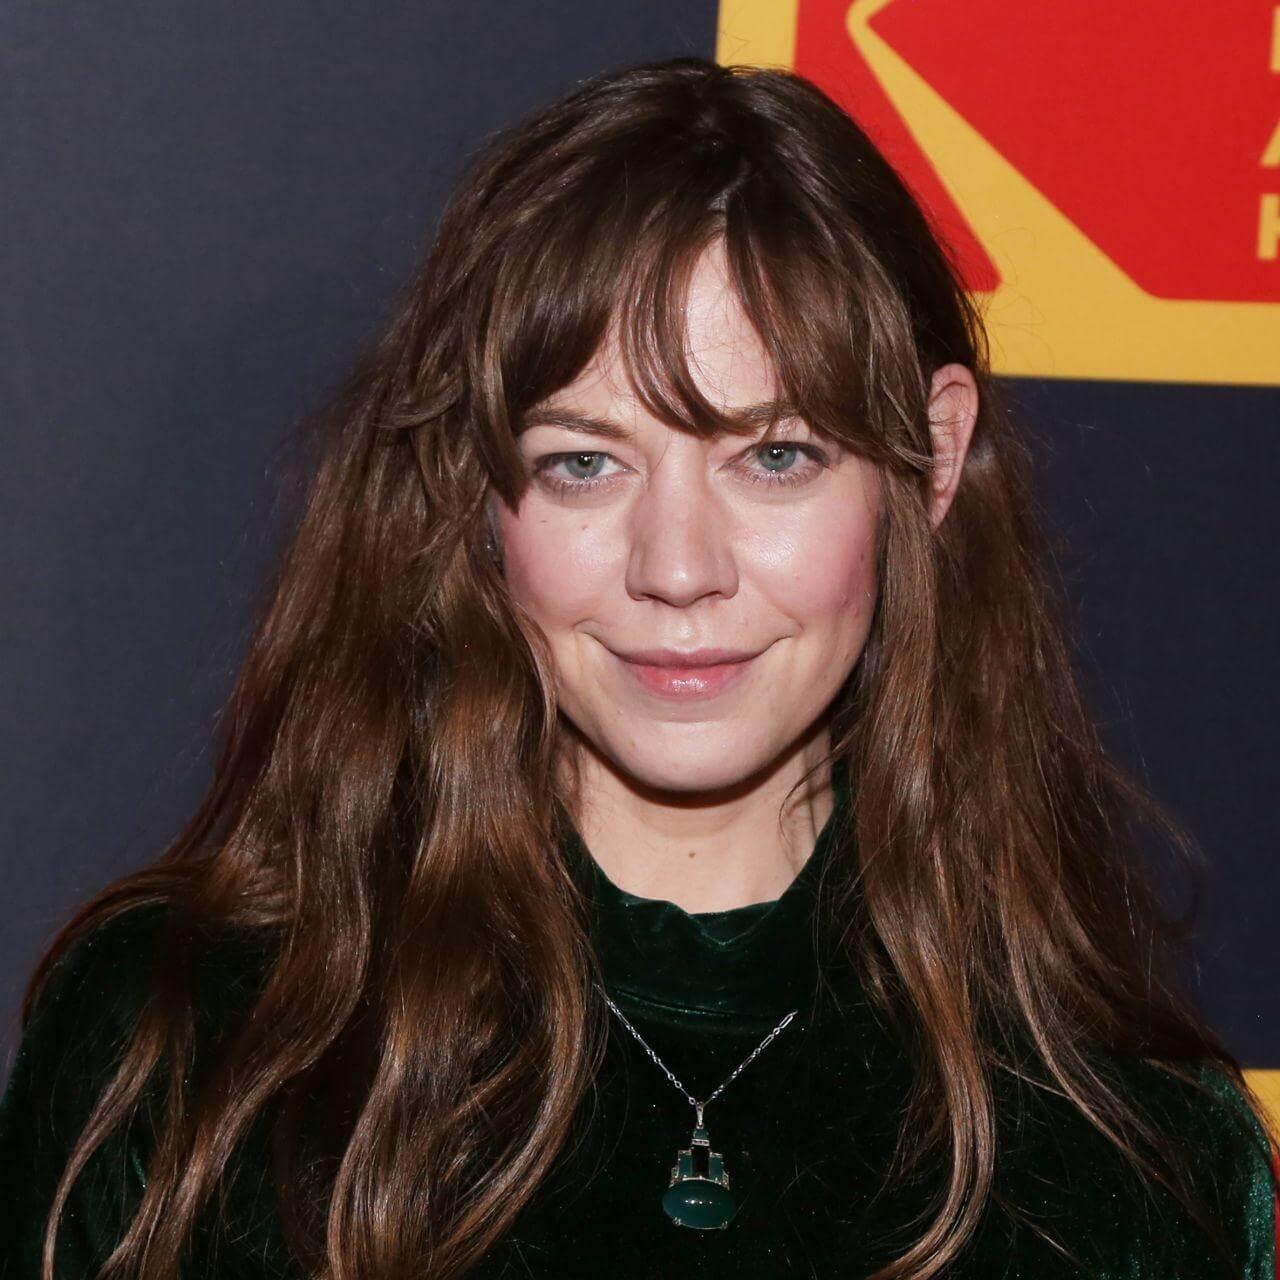 Analeigh Tipton 2019 Kodak Film Awards